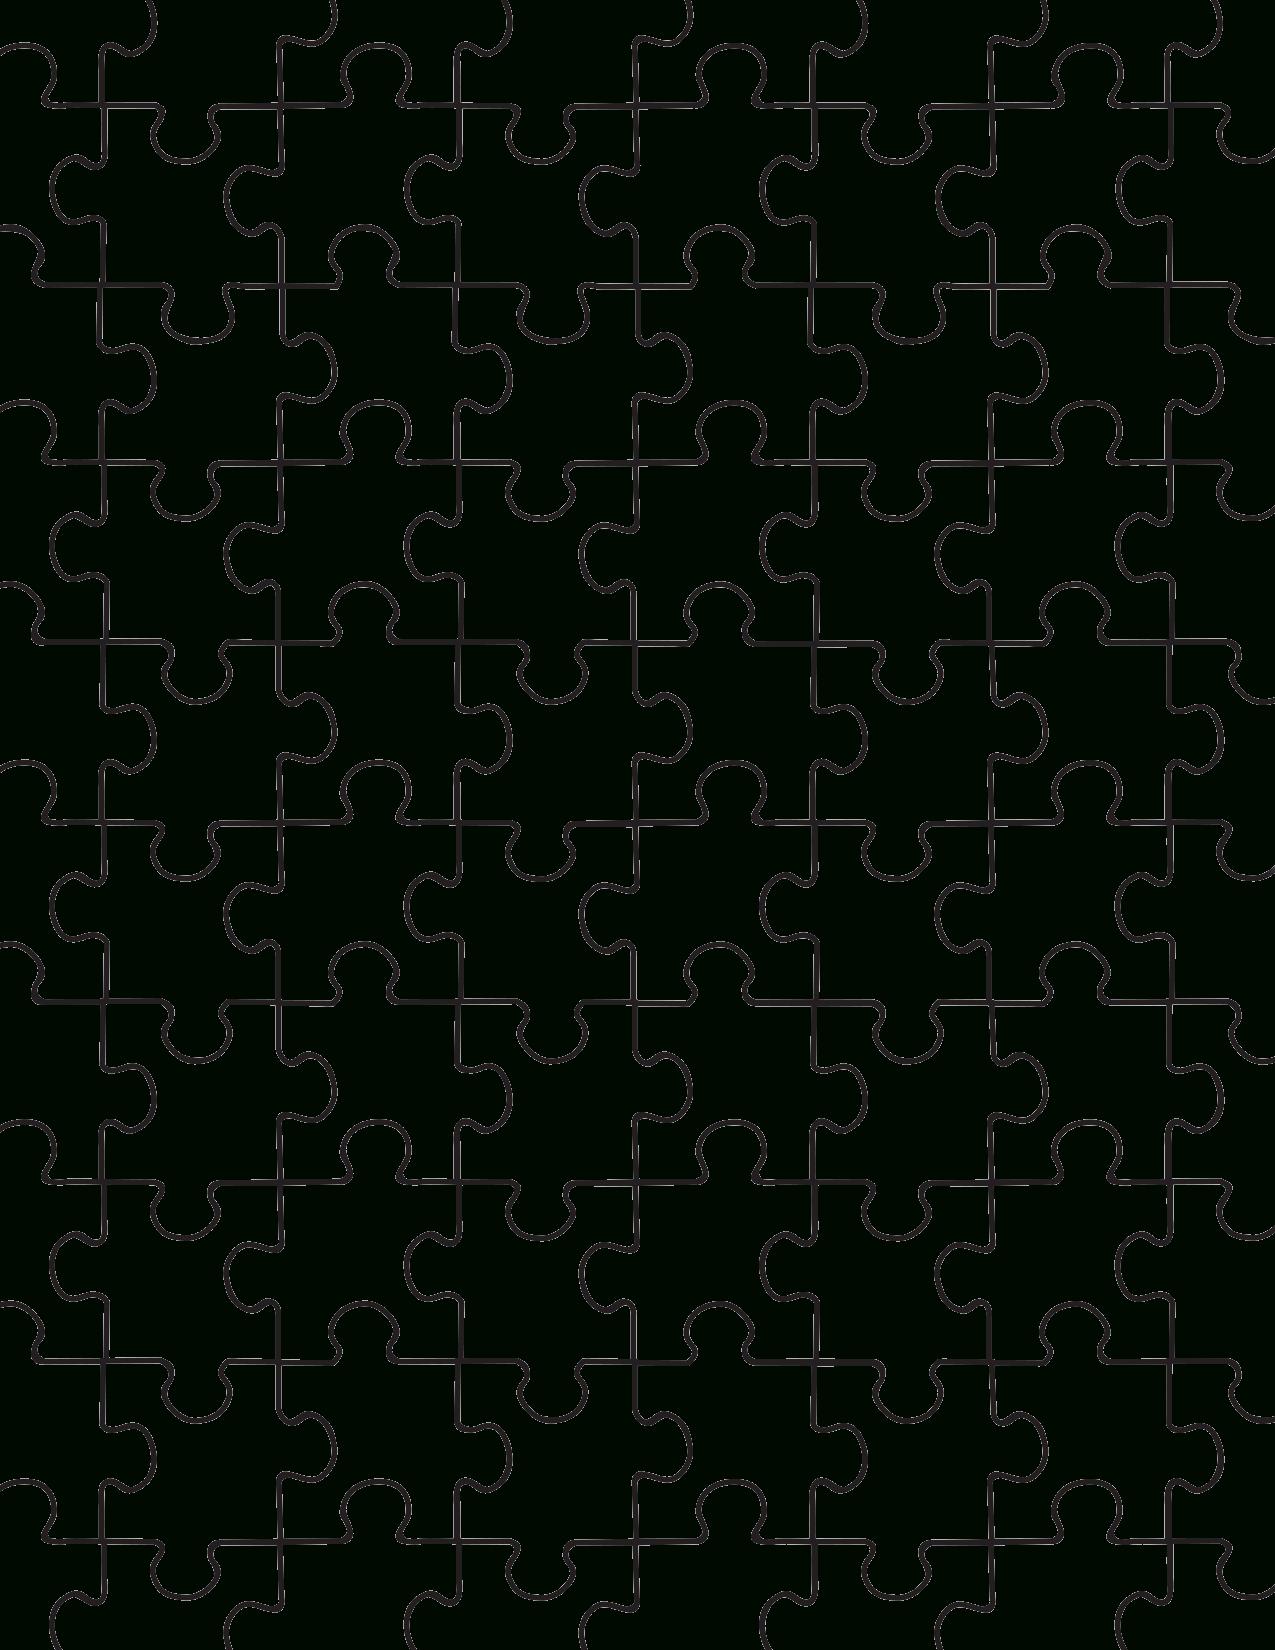 Printable Puzzle Pieces Template | Decor | Puzzle Piece Template - Printable Large Puzzle Pieces